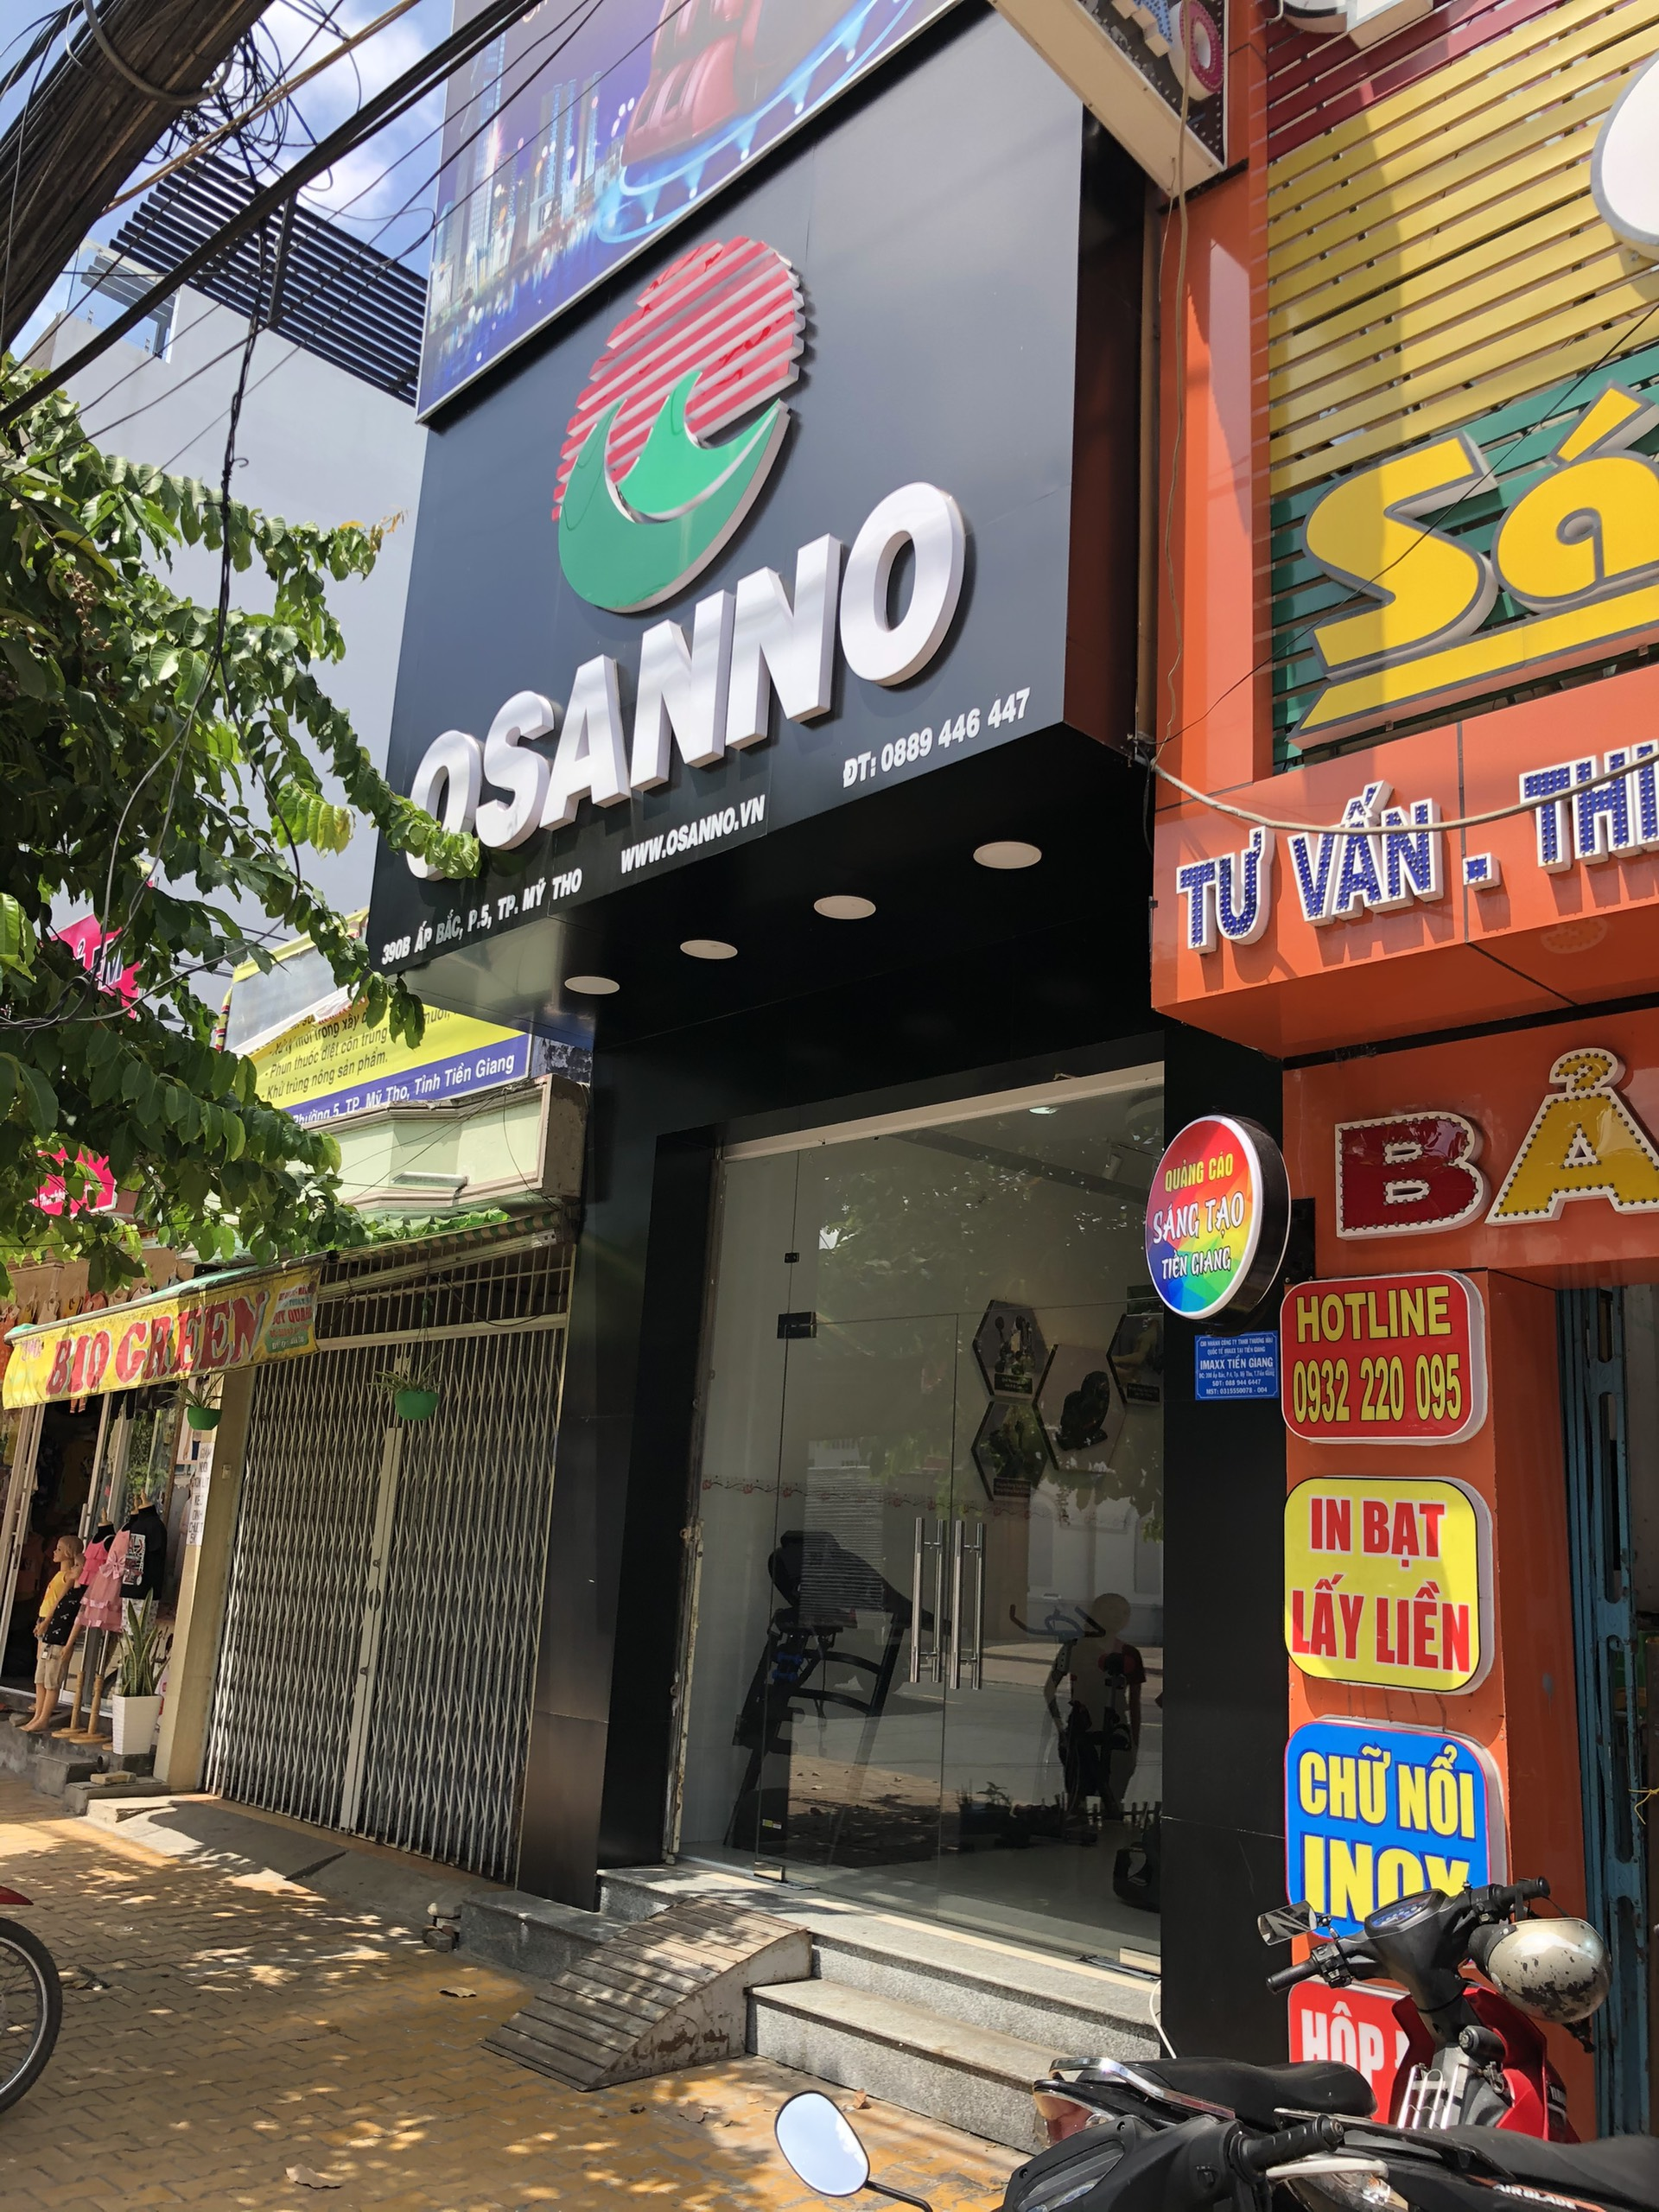 Kinh nghiệm mua ghế massage tại Mỹ Tho - Tiền Giang